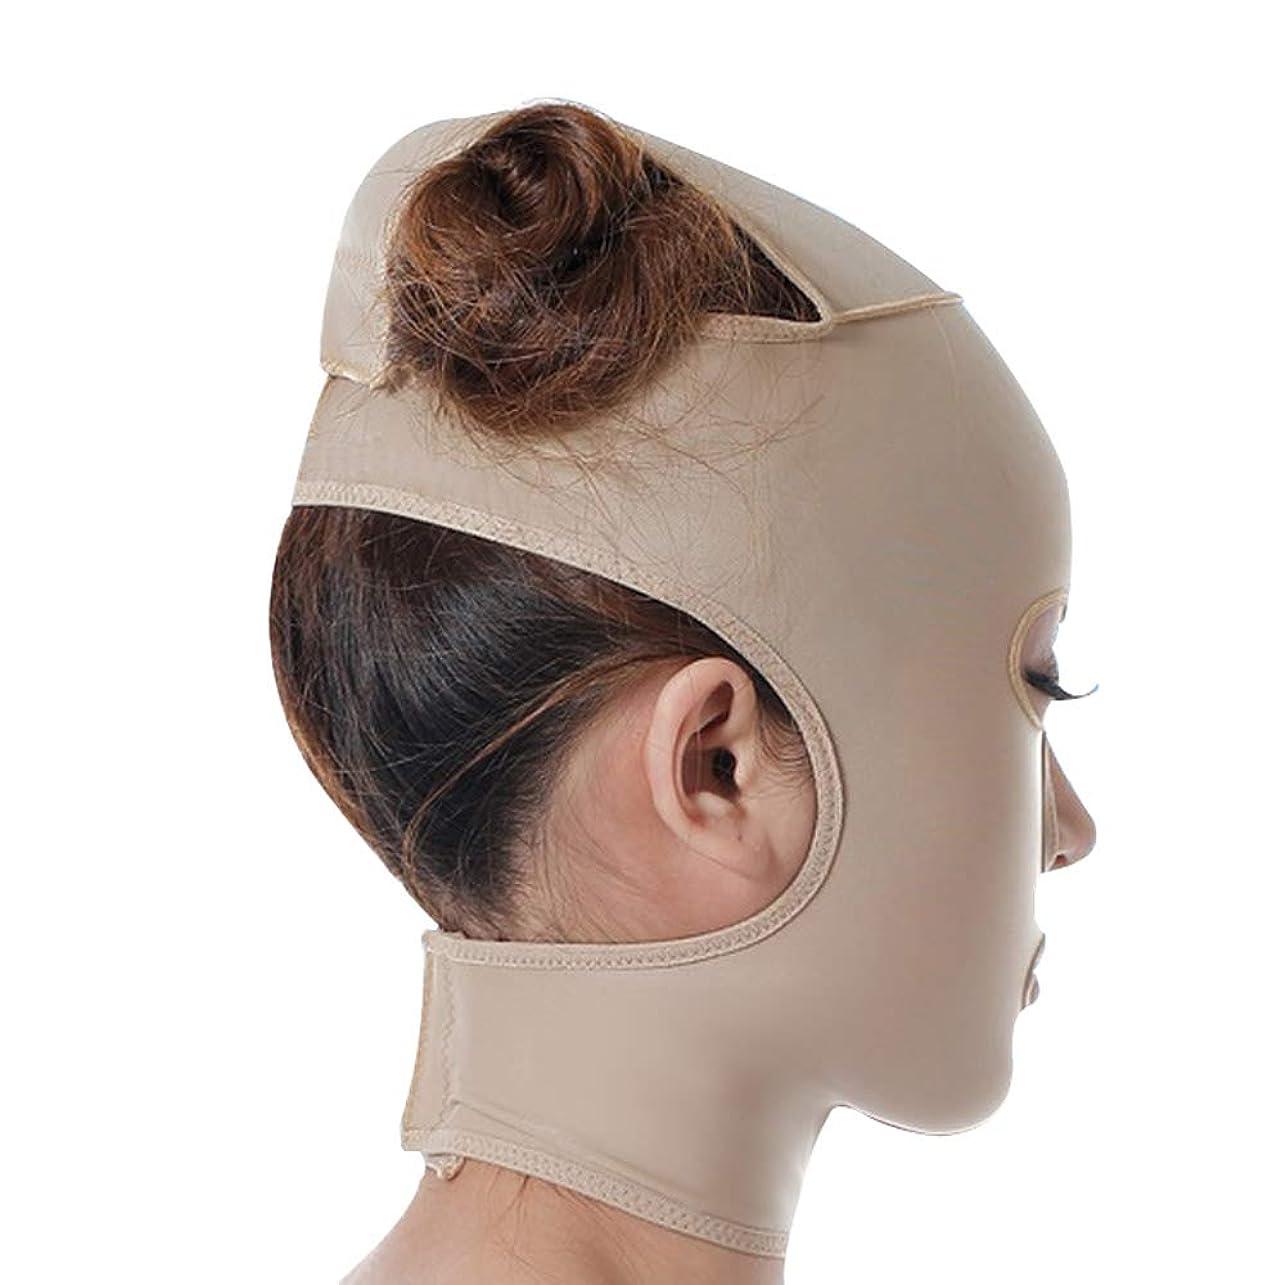 スペル反対した放つTLMY 引き締めマスクマスク美容薬マスク美容V顔包帯ライン彫刻リフティング引き締め二重あごマスク 顔用整形マスク (Size : M)